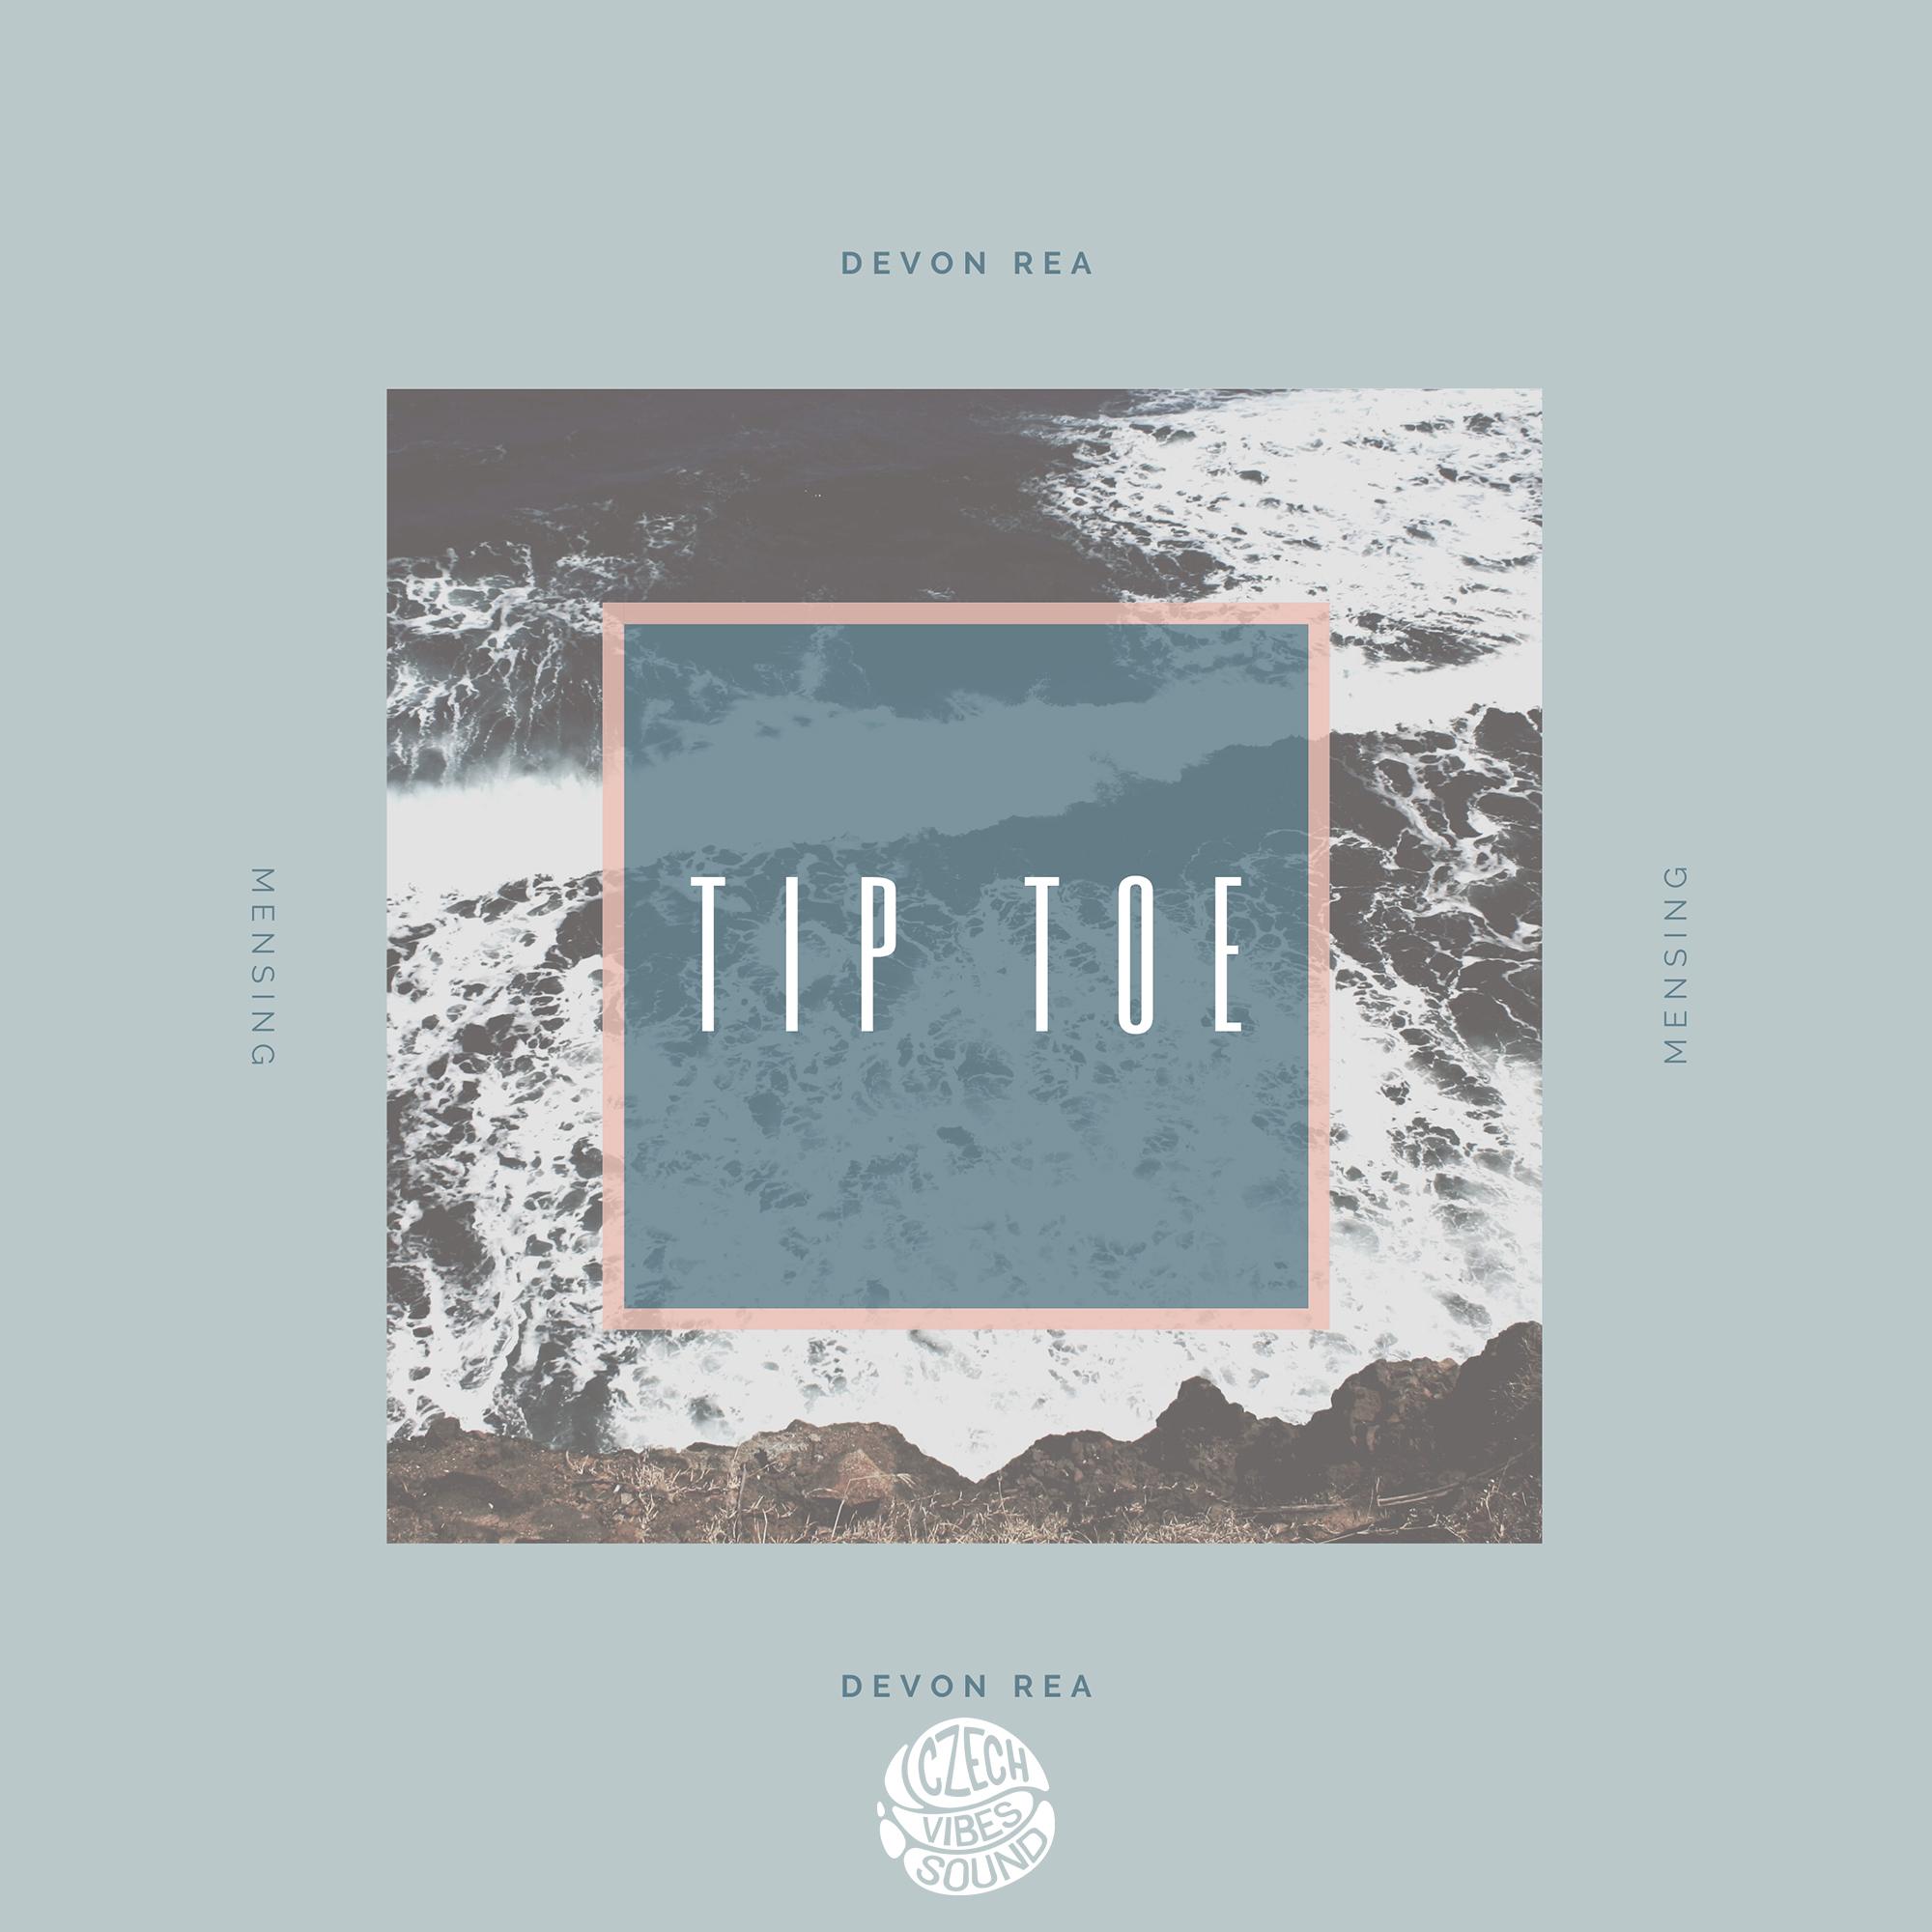 Devon Rea x Mensing - Tip Toe